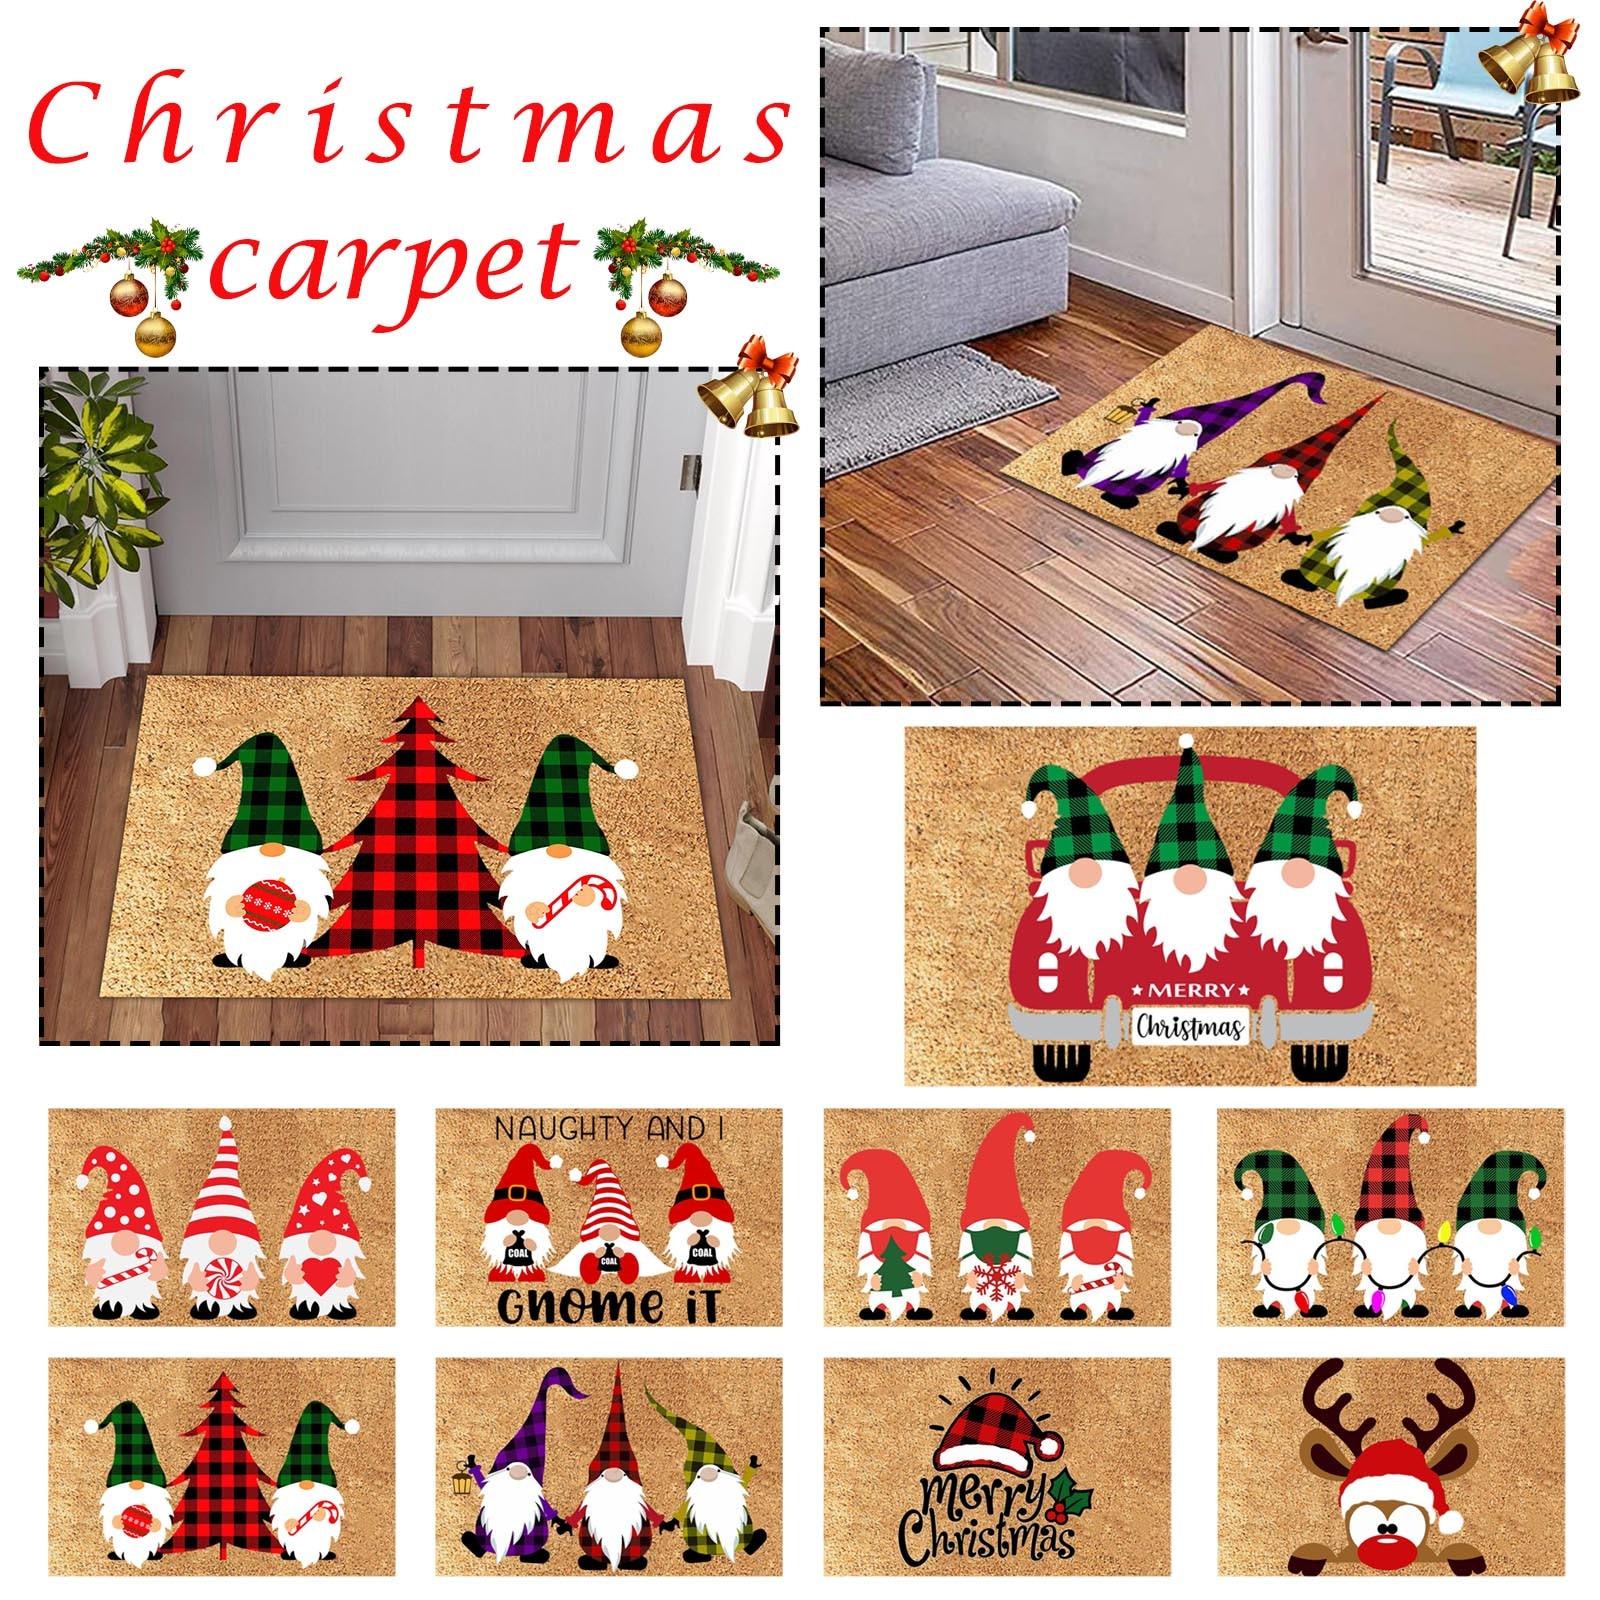 Christmas Doormat Blanket Welcome Home Front Door Decorations Home Holiday Party Dwarf Decoration Doormat Ковровая Дорожка